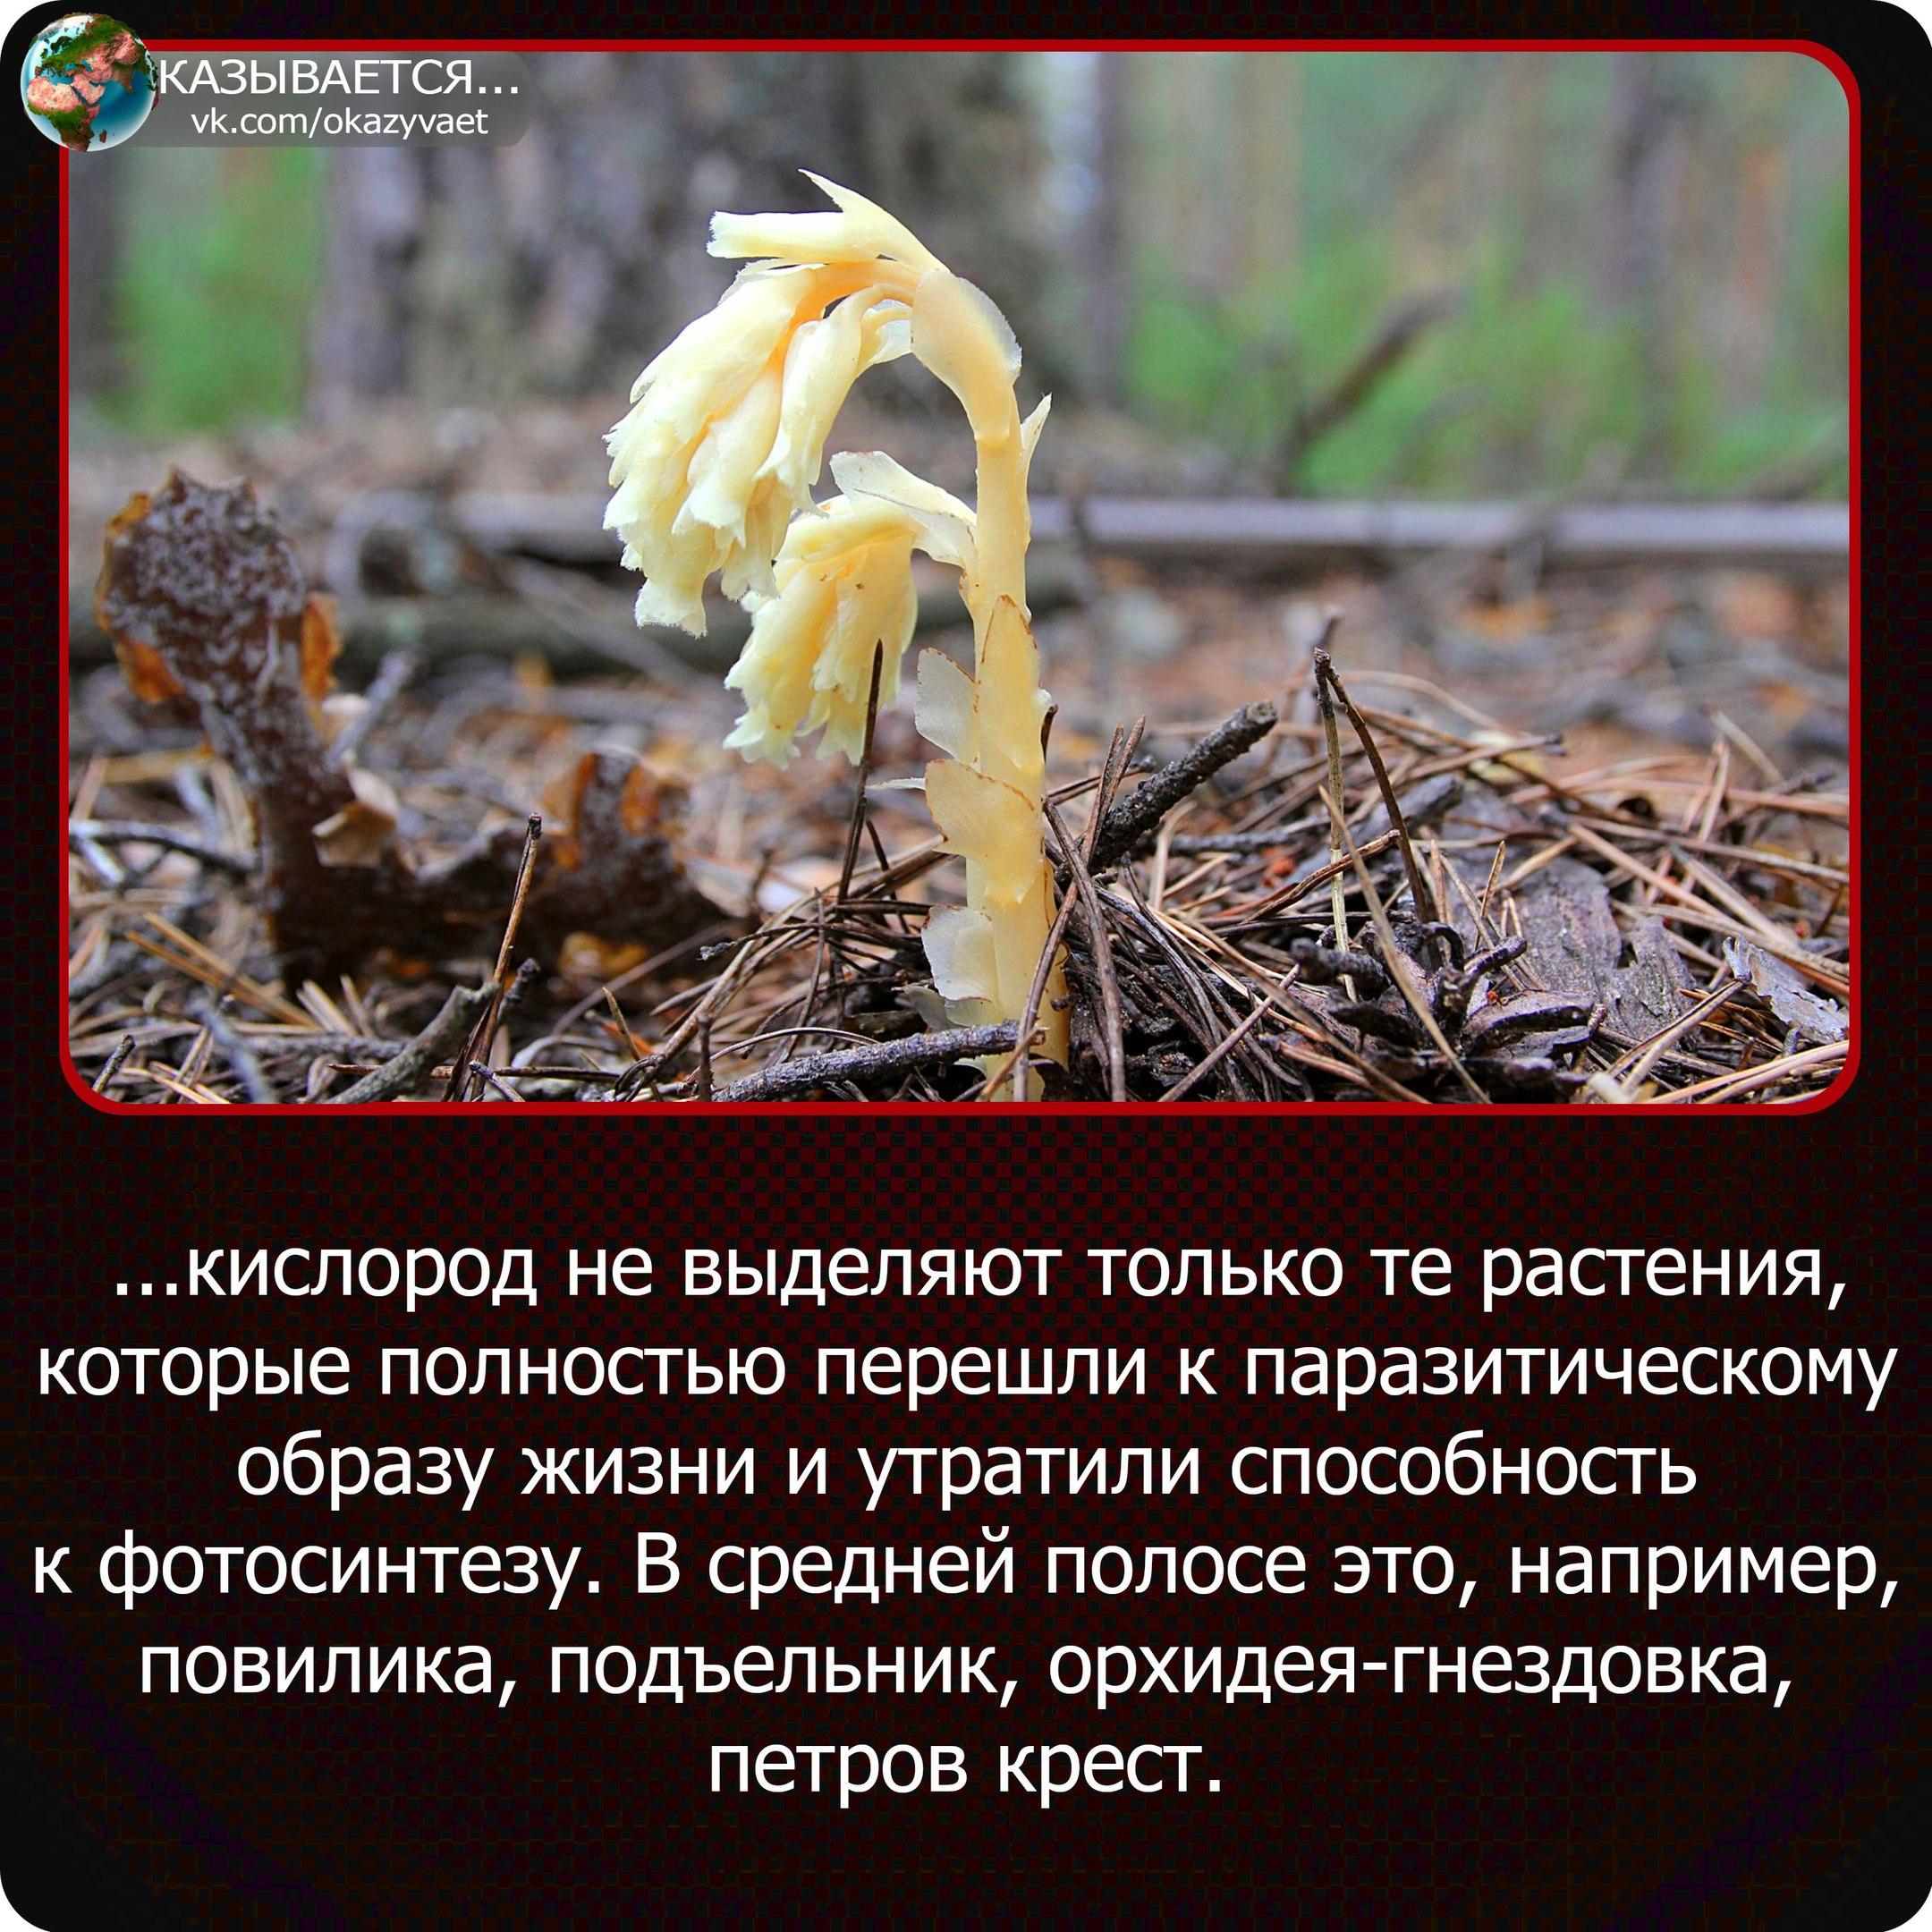 https://sun9-8.userapi.com/c543104/v543104275/3d05a/_skxN5FU-v4.jpg